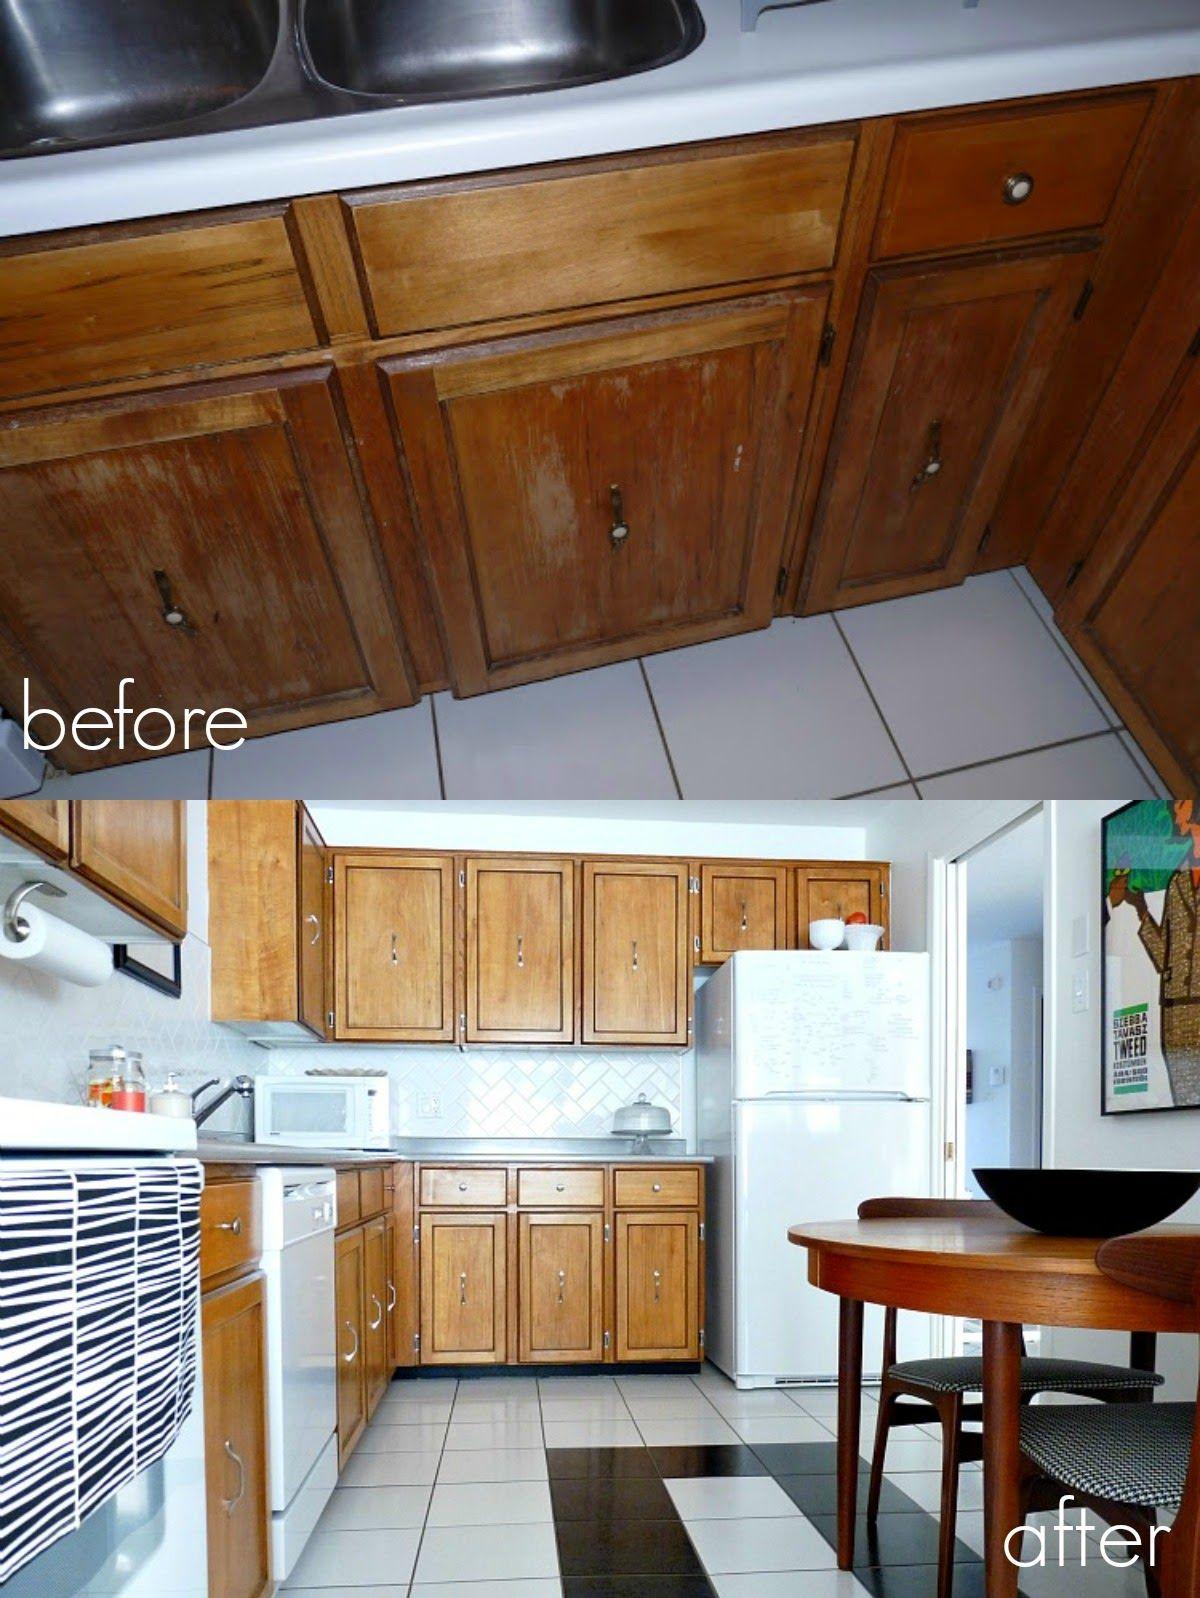 Dans Le Lakehouse Cabinet Refinishing Paint Vs Stain Vs Cabinet Coating Systems Refinishing Cabinets Wood Kitchen Cabinets Kitchen Cabinets